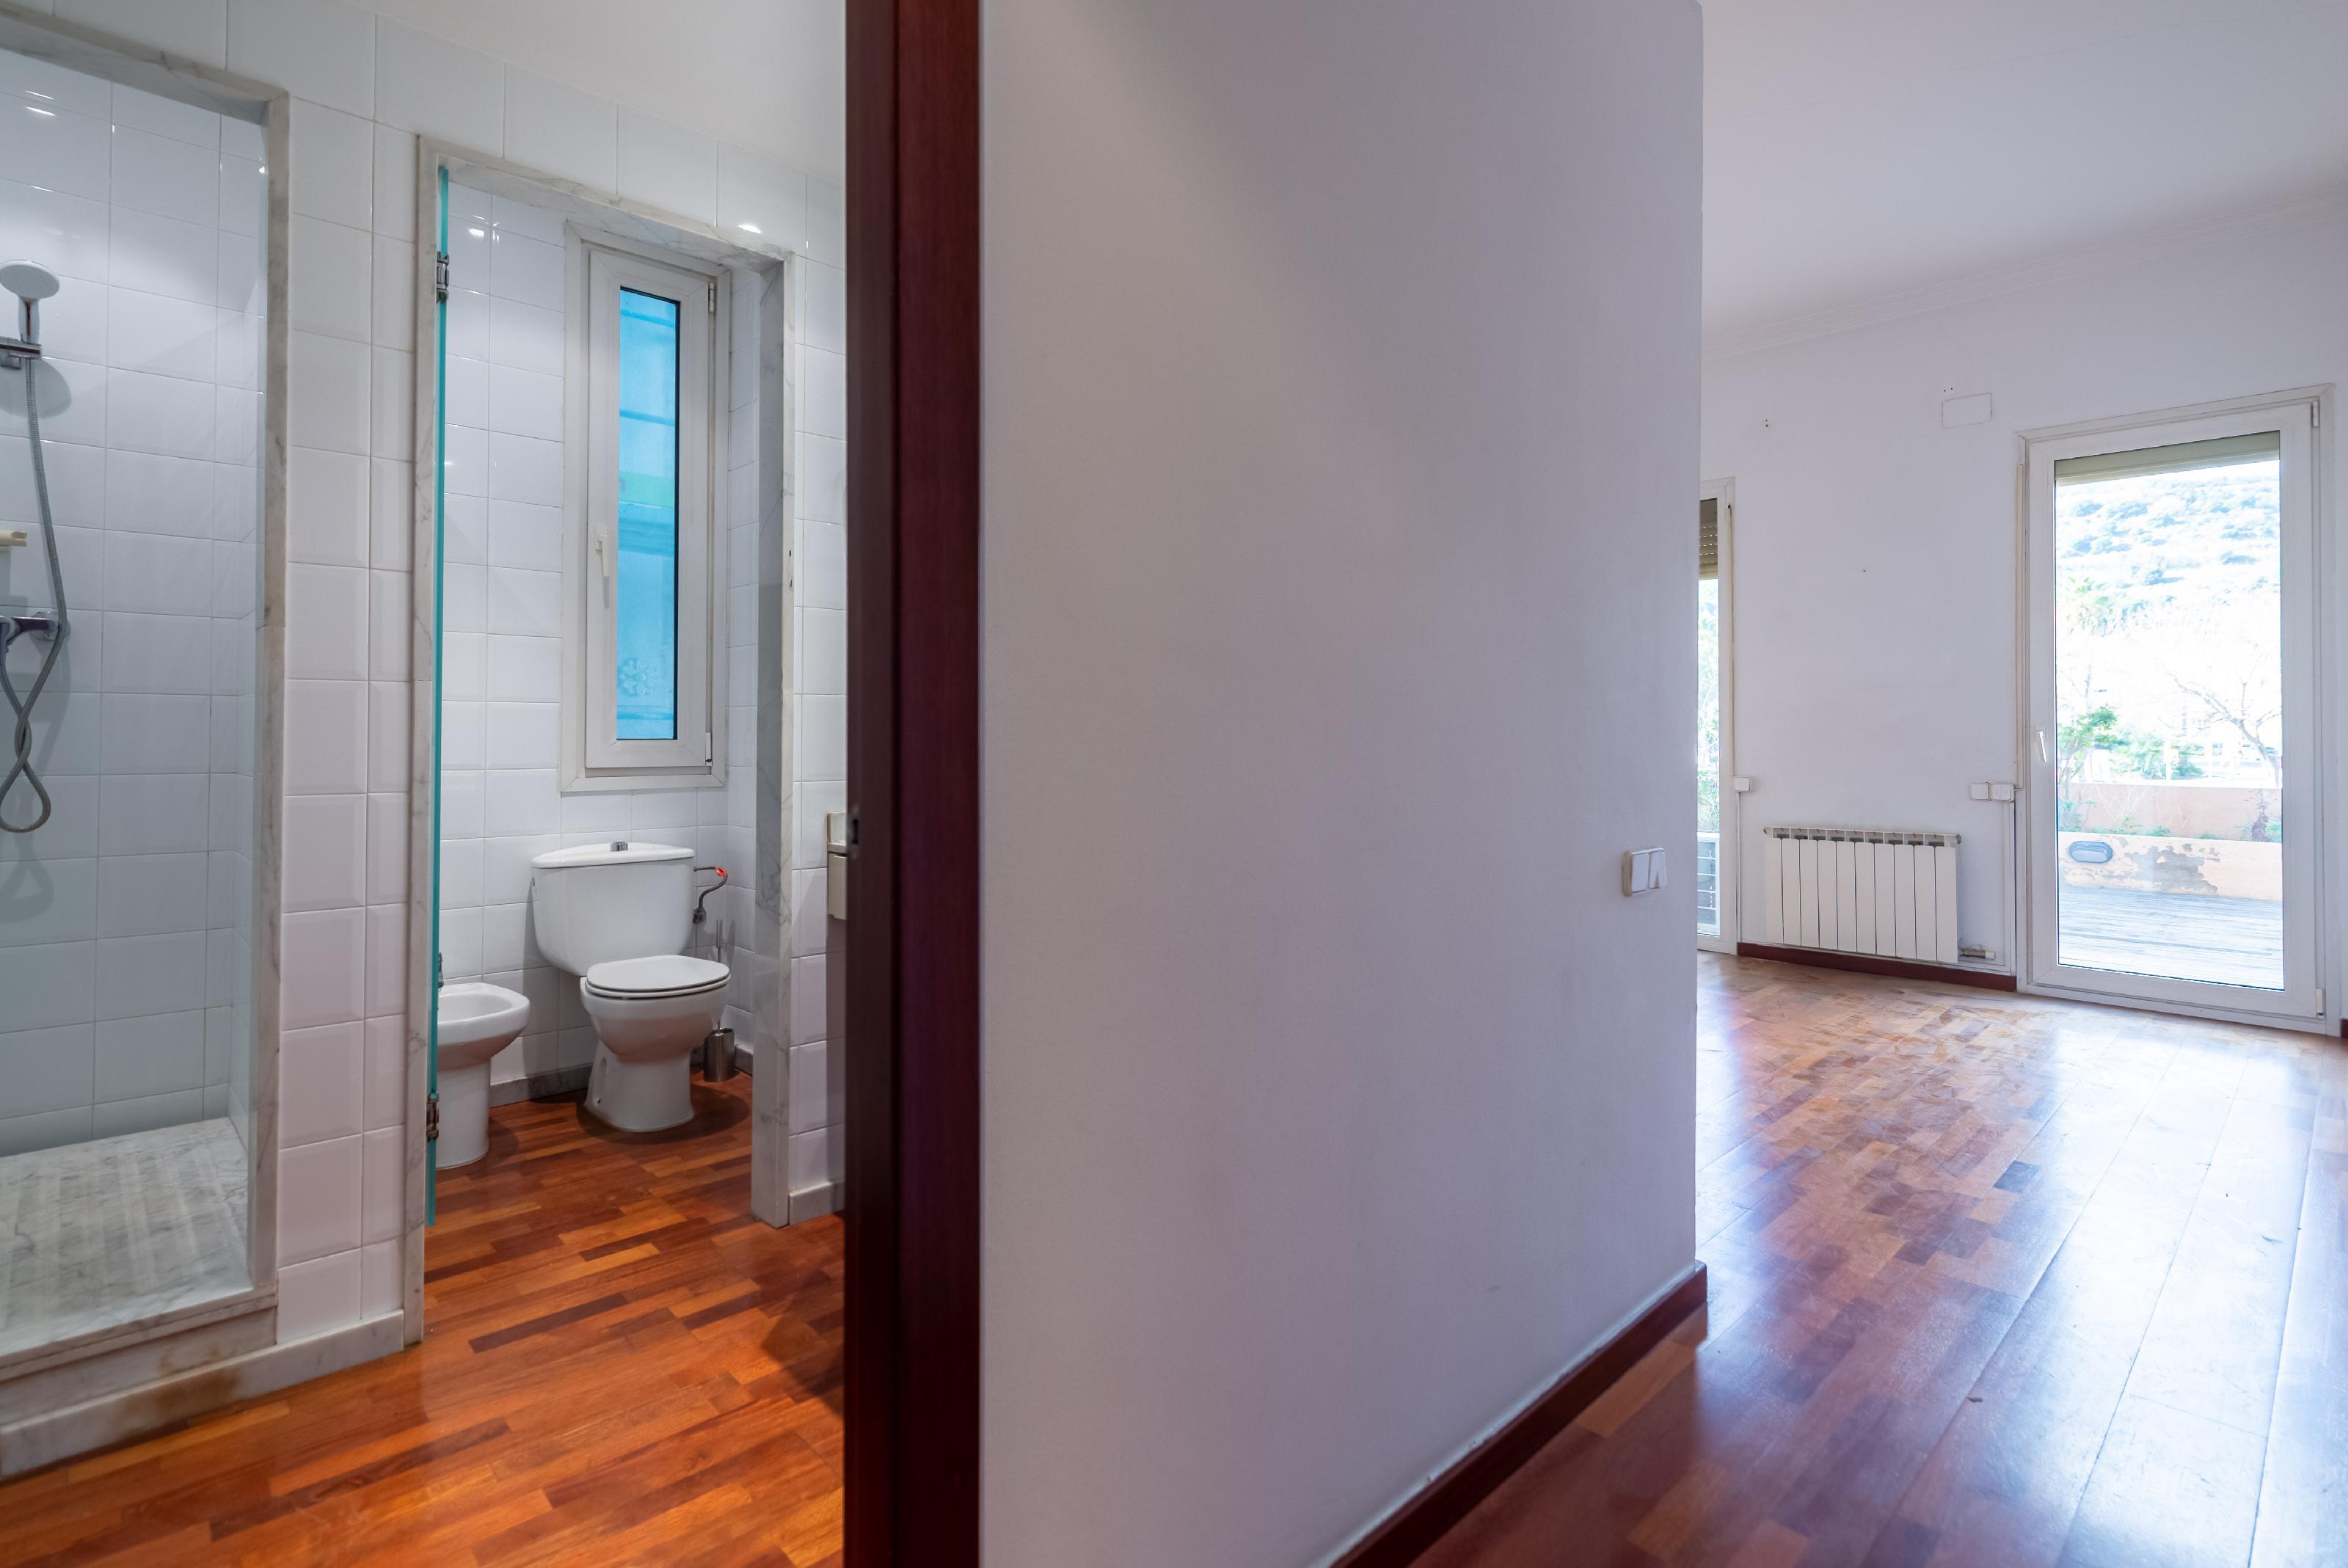 246020 Flat for sale in Sarrià-Sant Gervasi, Sarrià 22